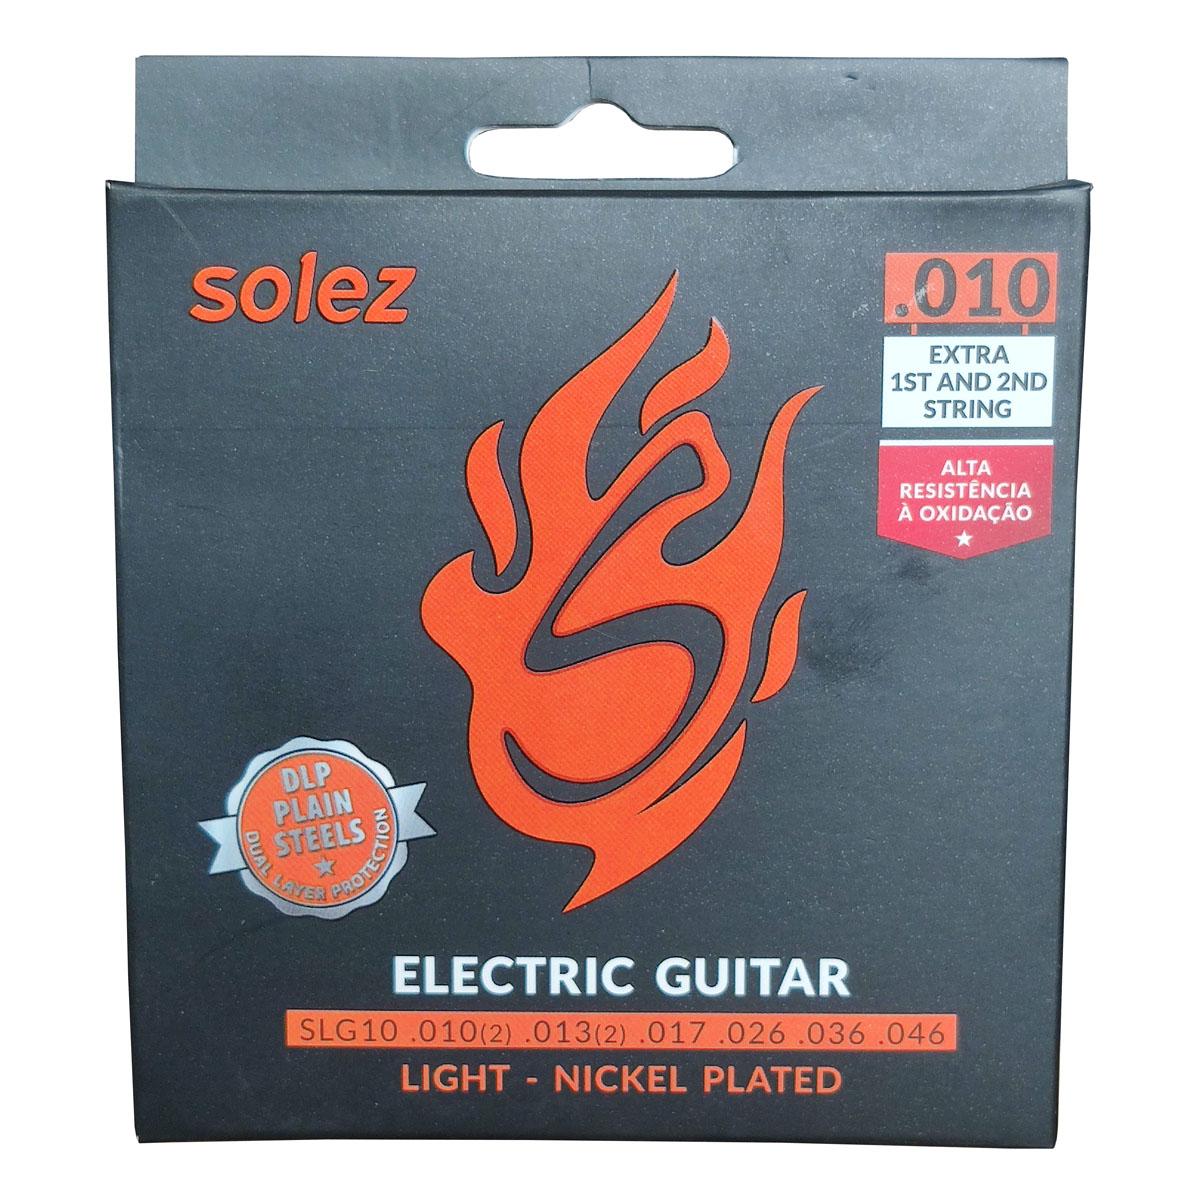 Jogo de Cordas p/ Guitarra 010 Leve - Solez  - RS Som e Luz!